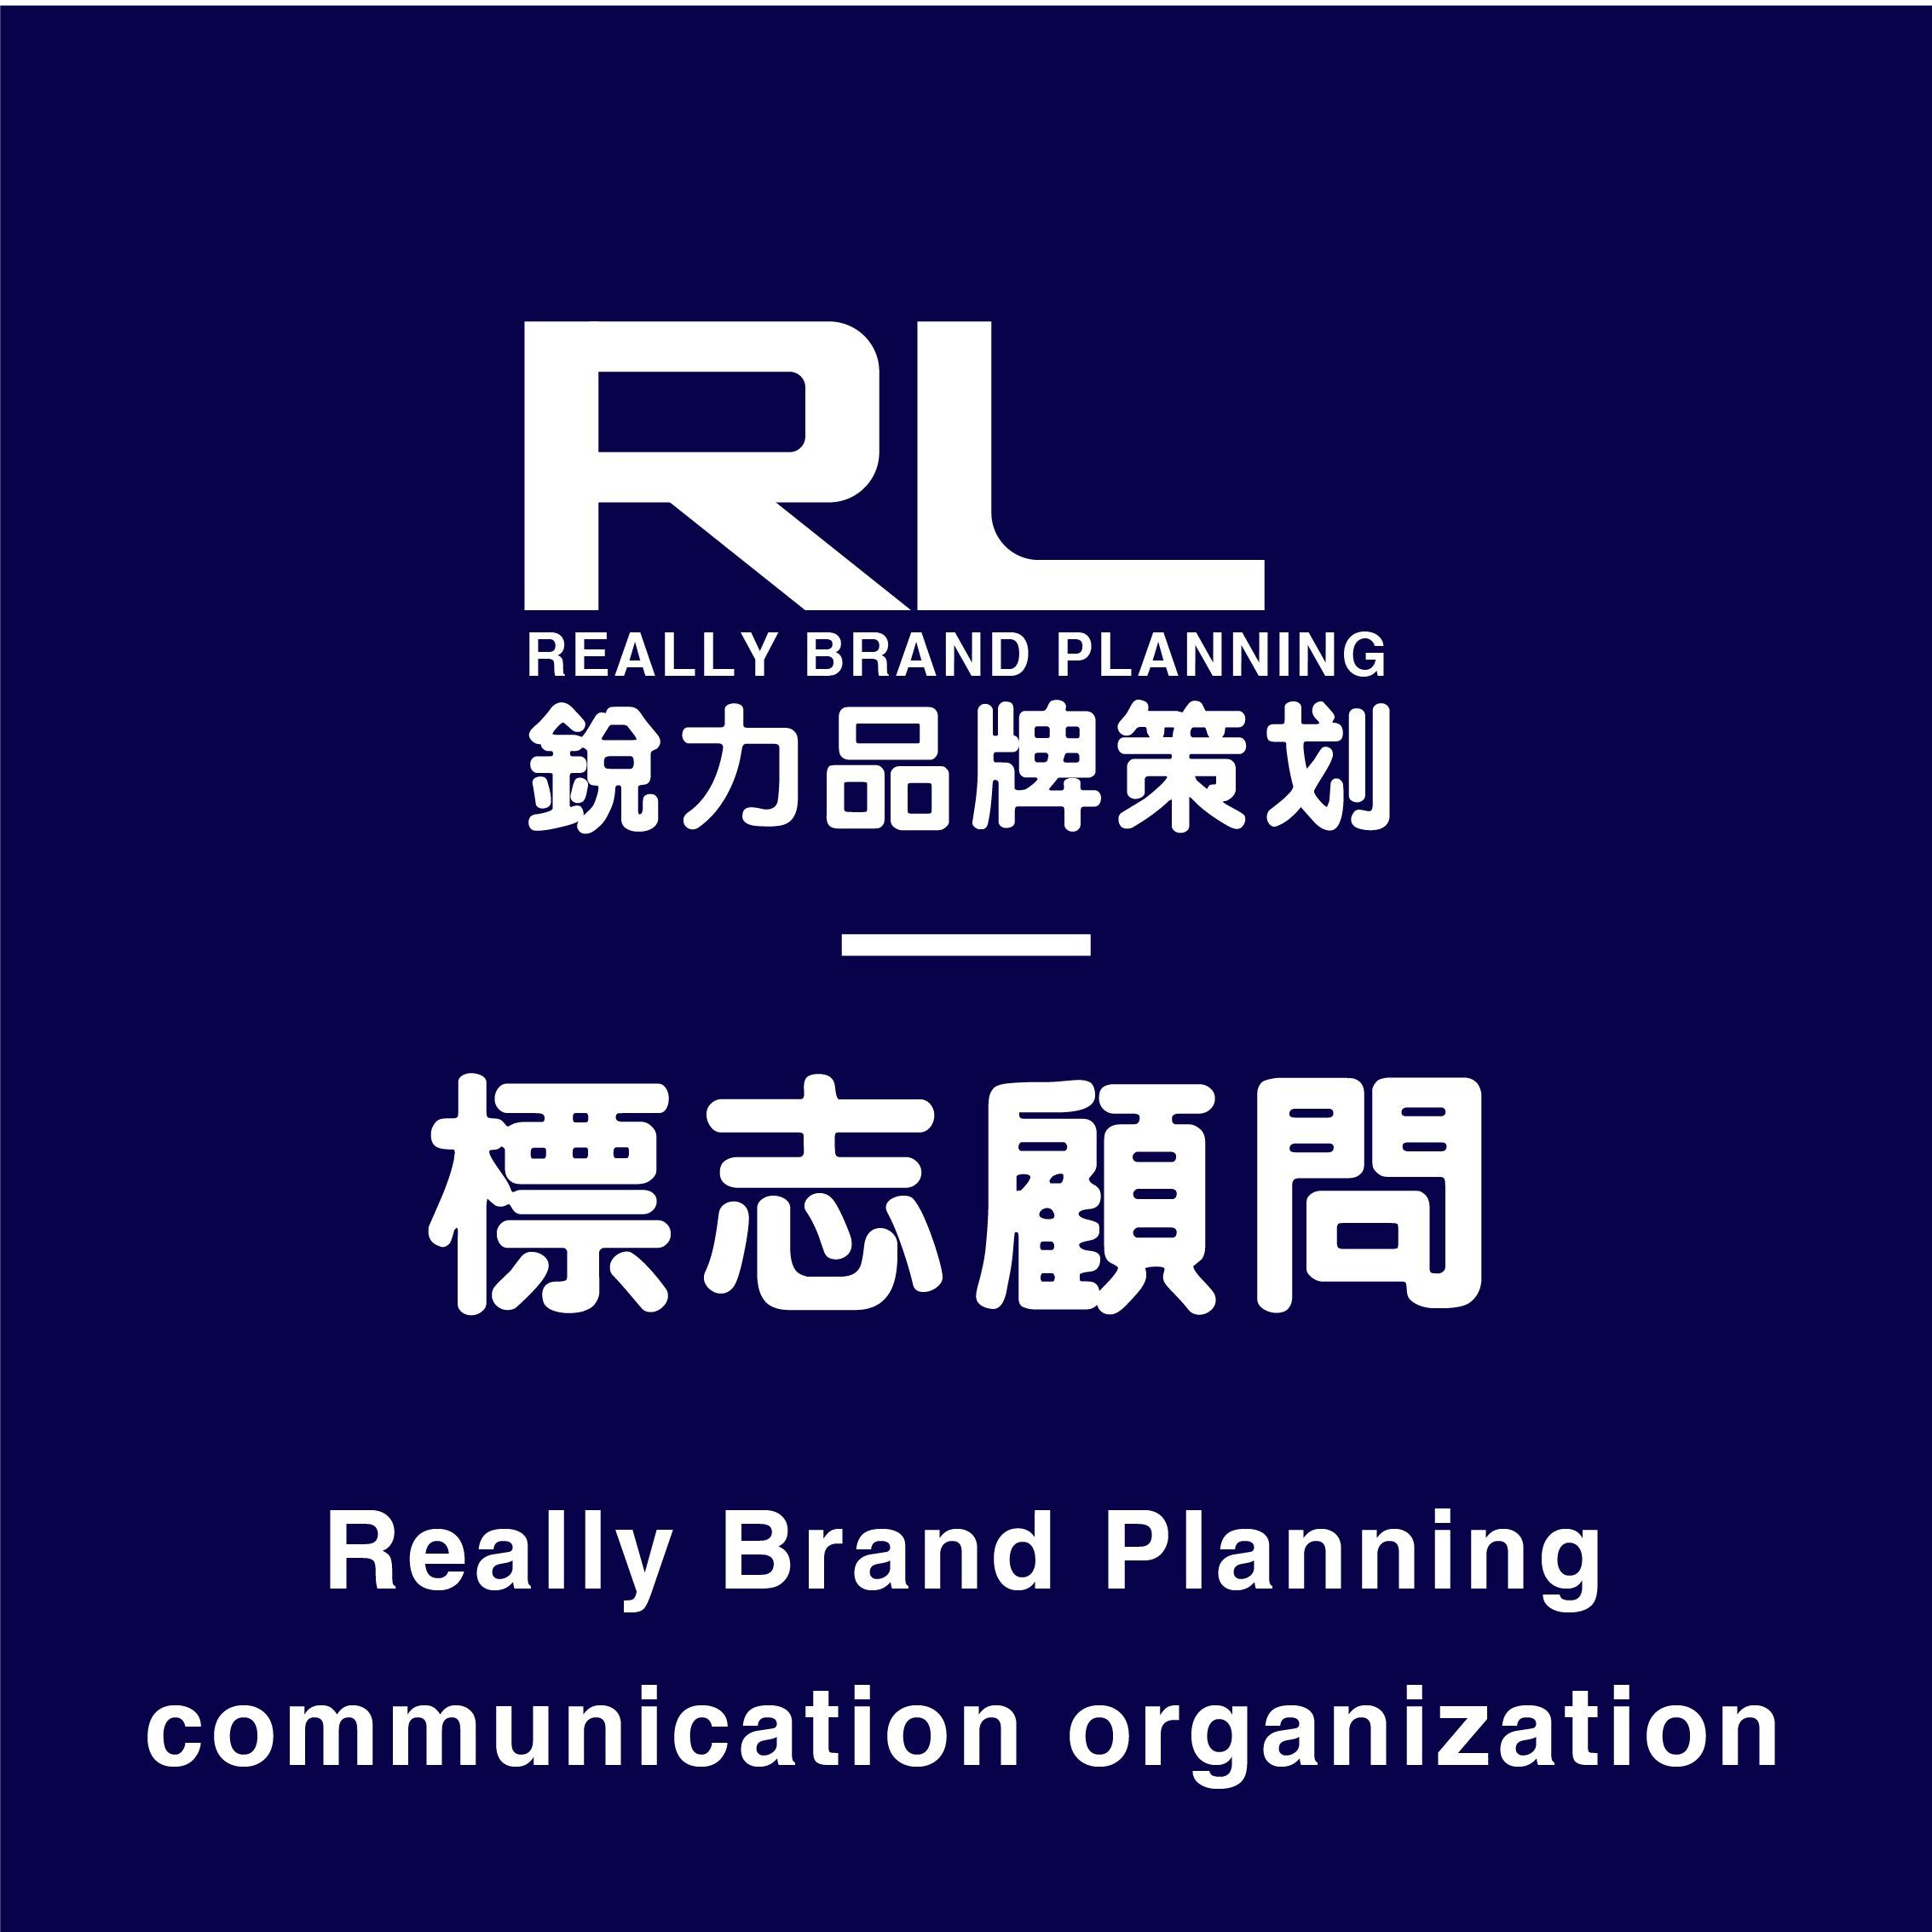 【标志顾问】商标logo设计公司logoLOGO设计LOGO